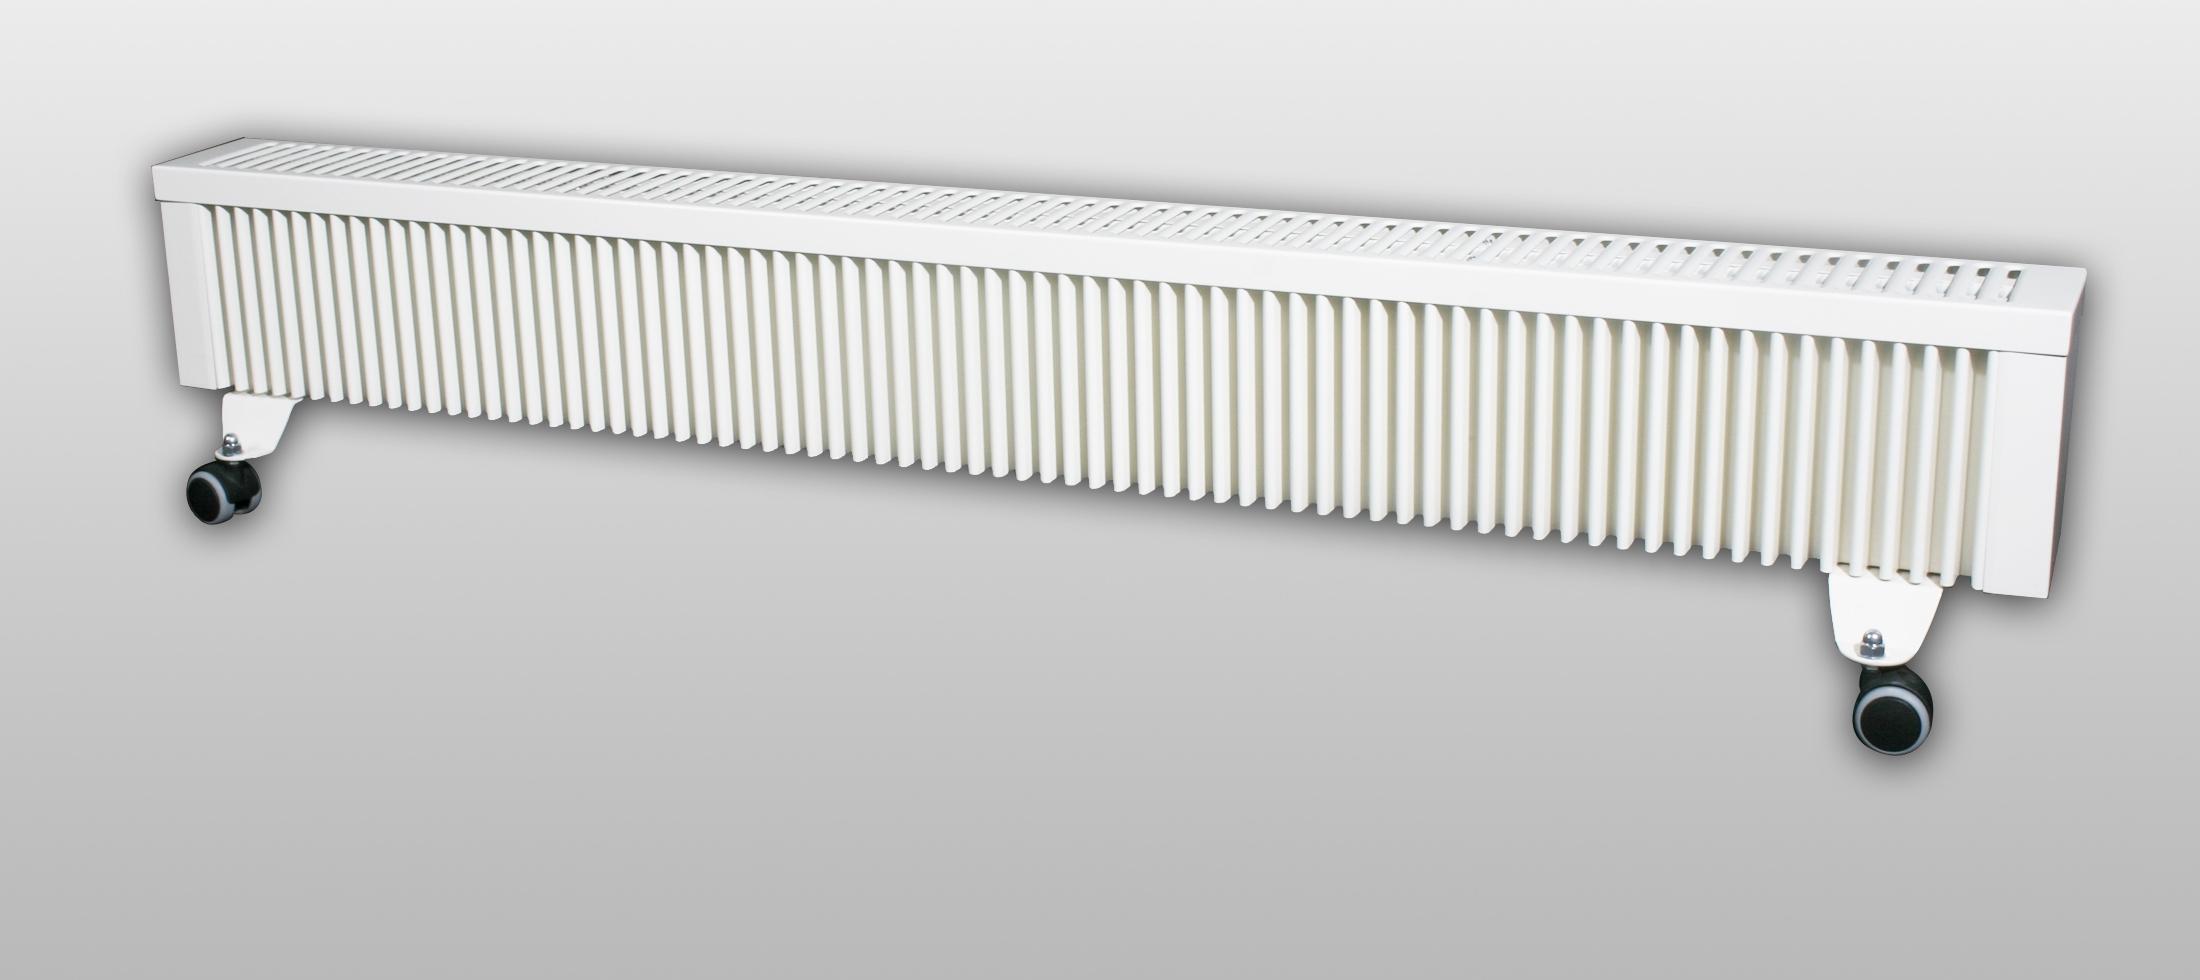 Dvojitý nízký topný panel, TYP HK150, 1500 W